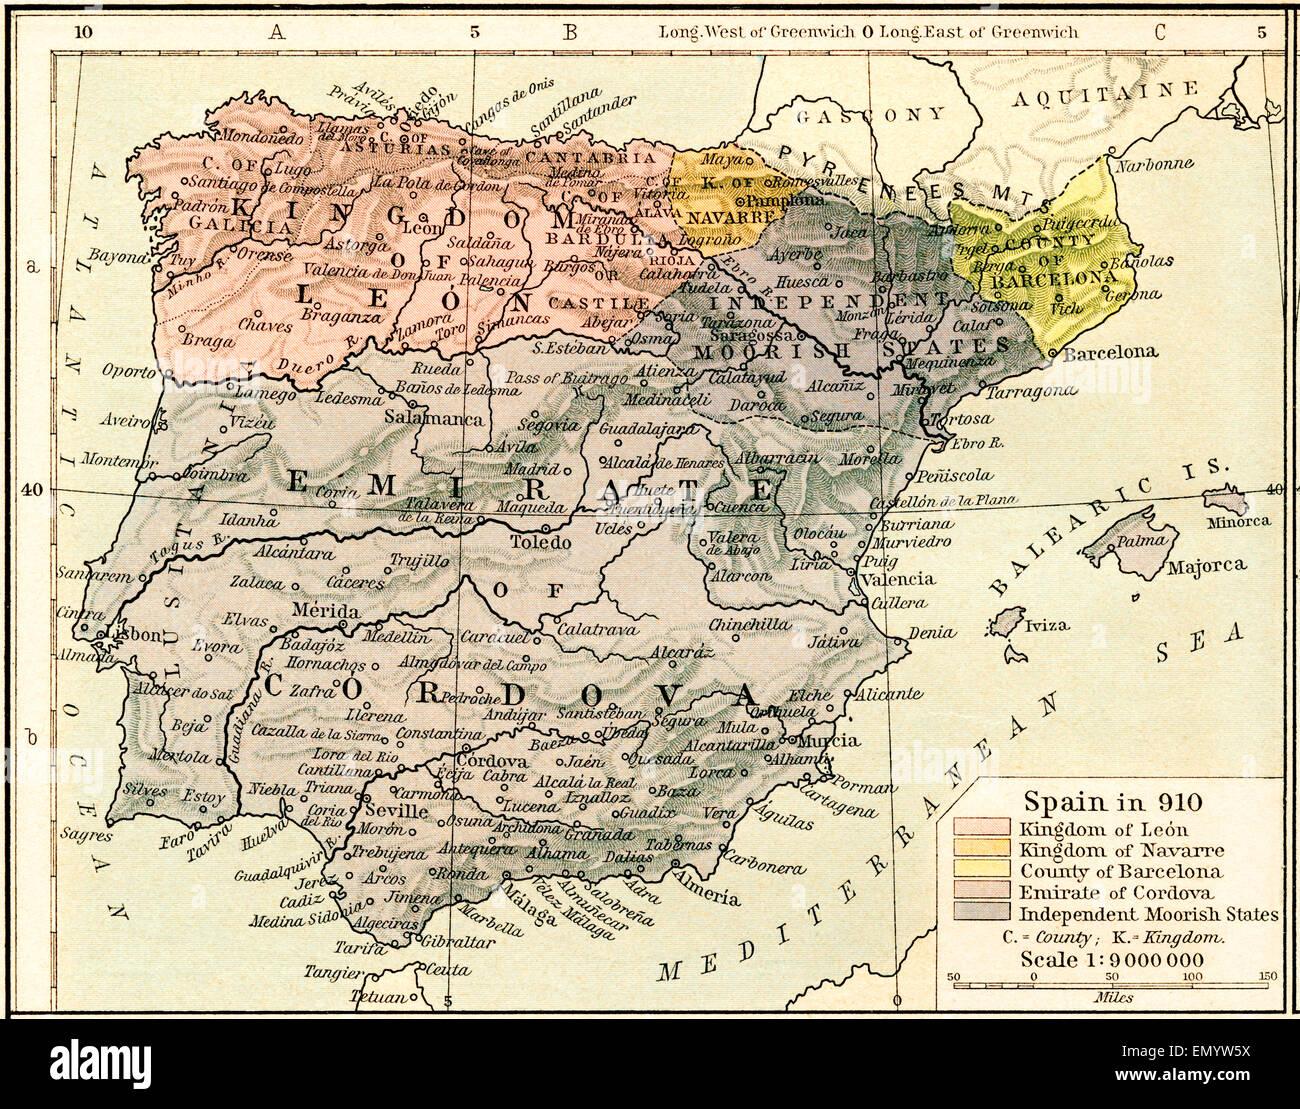 Carte De Lespagne Barcelone.Carte De L Espagne En 910 Montrant Les Royaumes De Leon Et De La